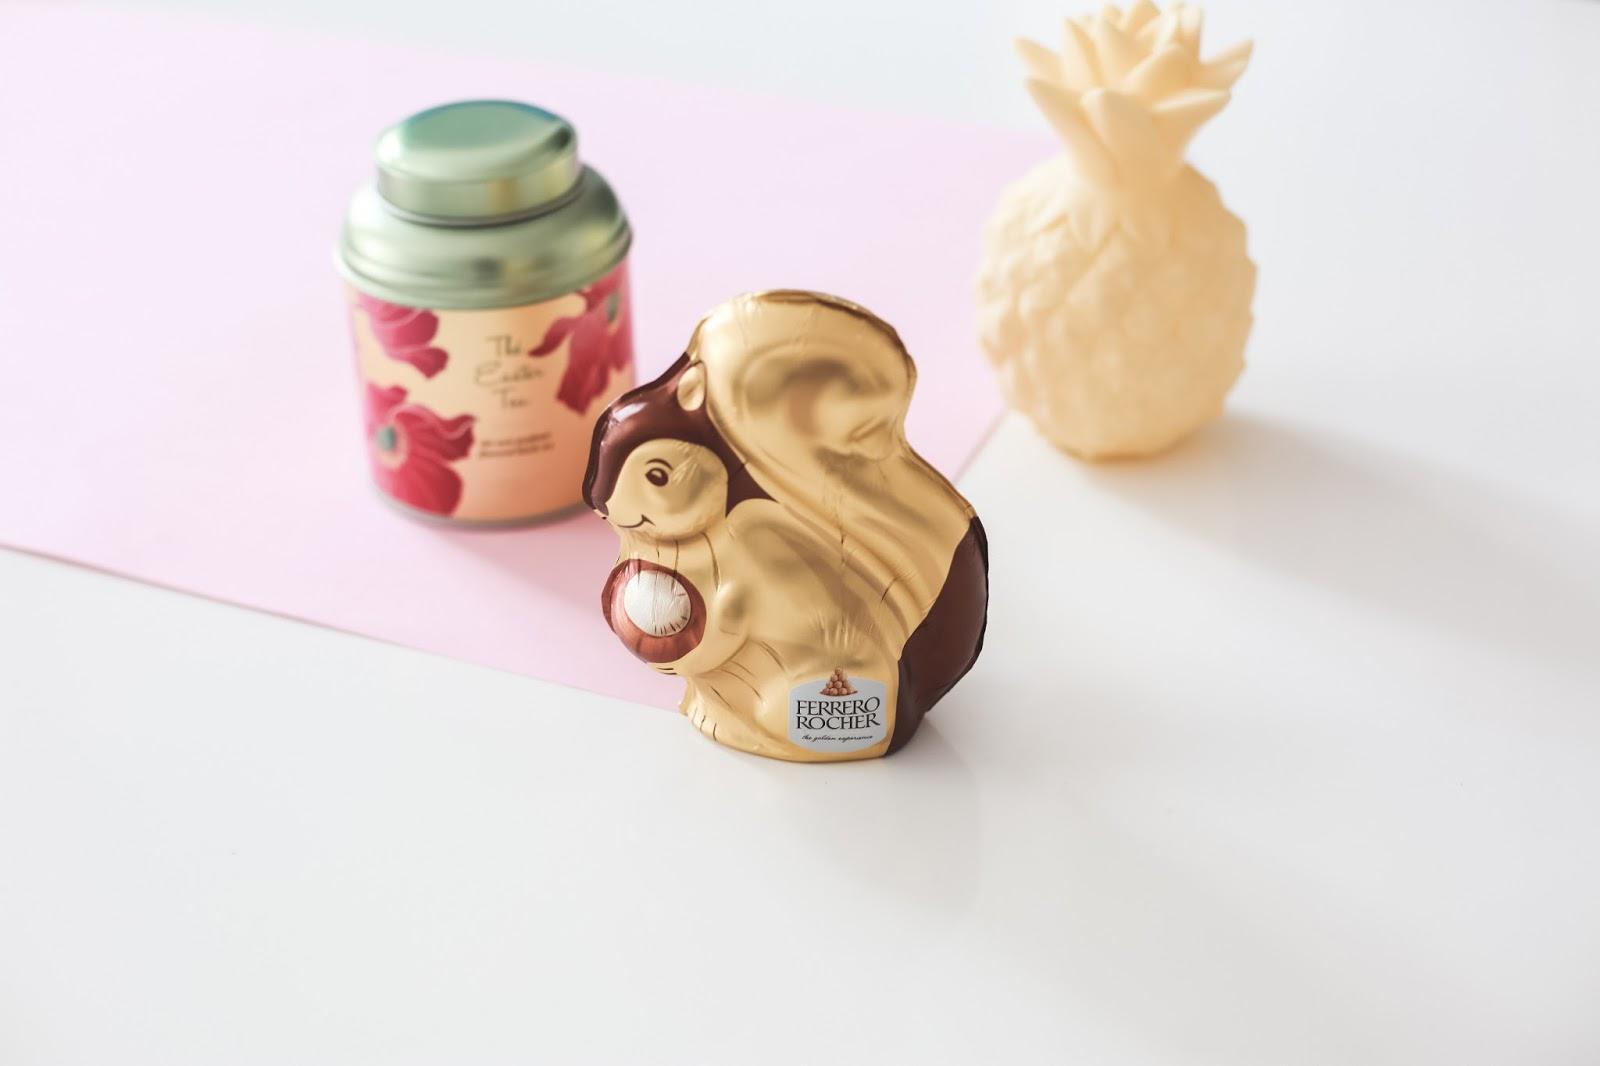 Écureuil en chocolat Ferrero Rocher